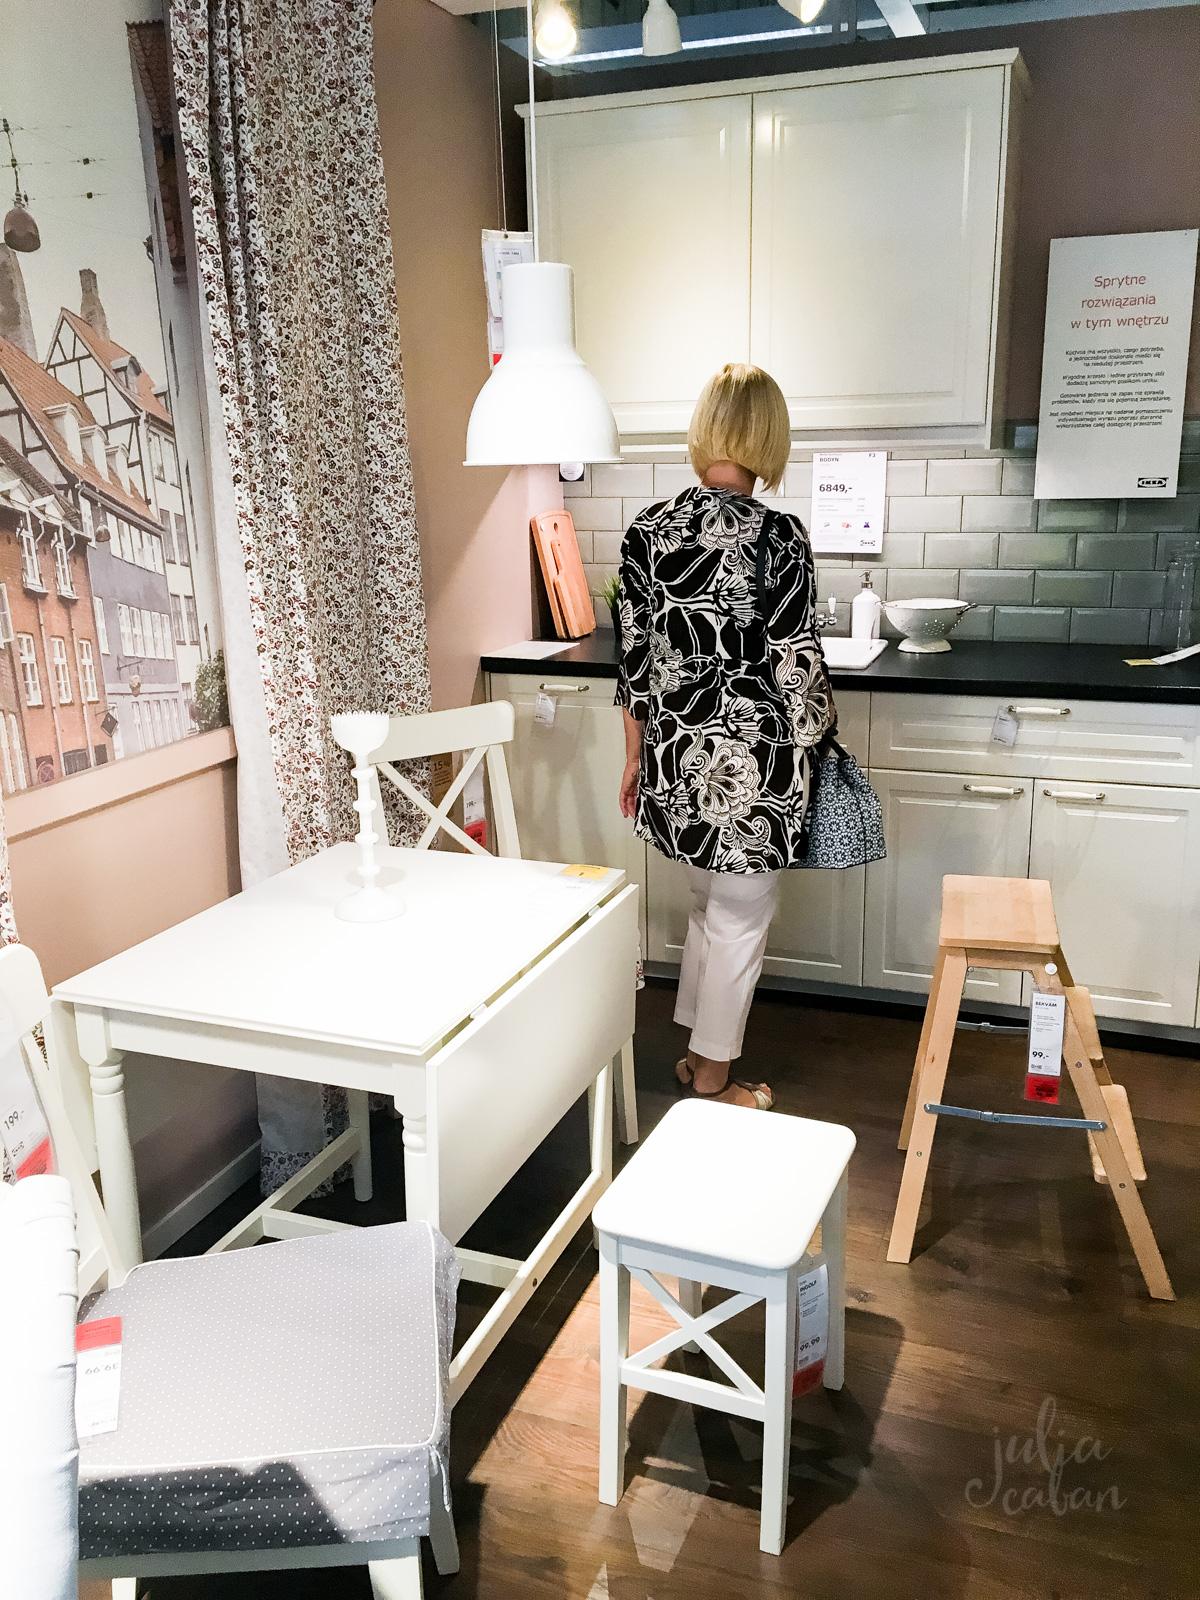 09 01 2016 10 01 2016 julia caban. Black Bedroom Furniture Sets. Home Design Ideas